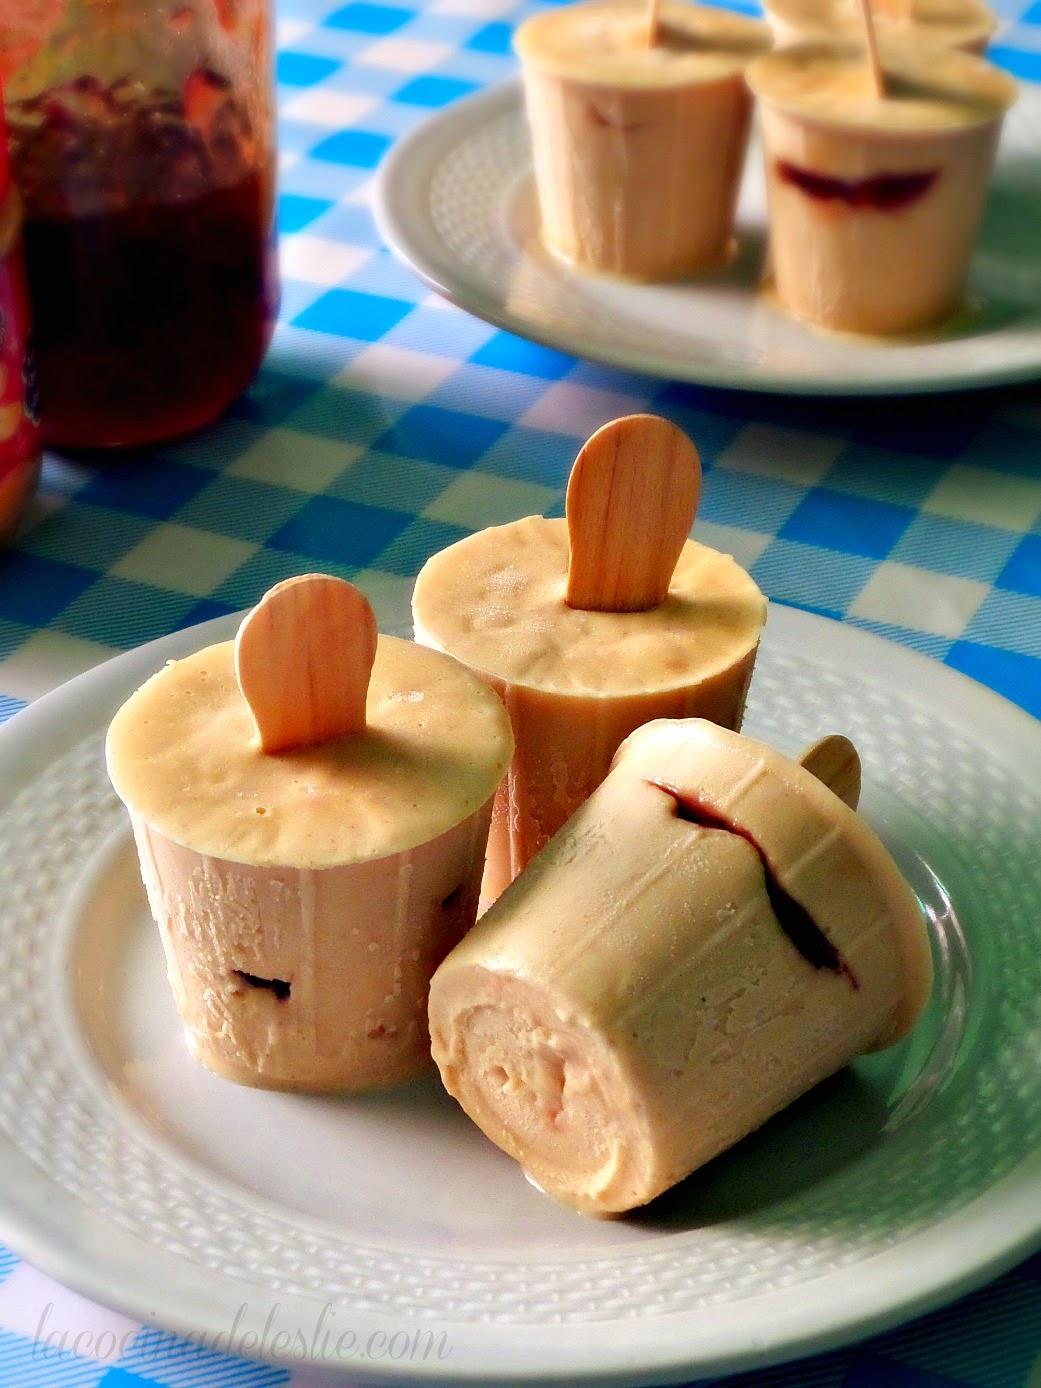 Paletas de Mantequilla de Maní y Mermelada - lacocinadeleslie.com